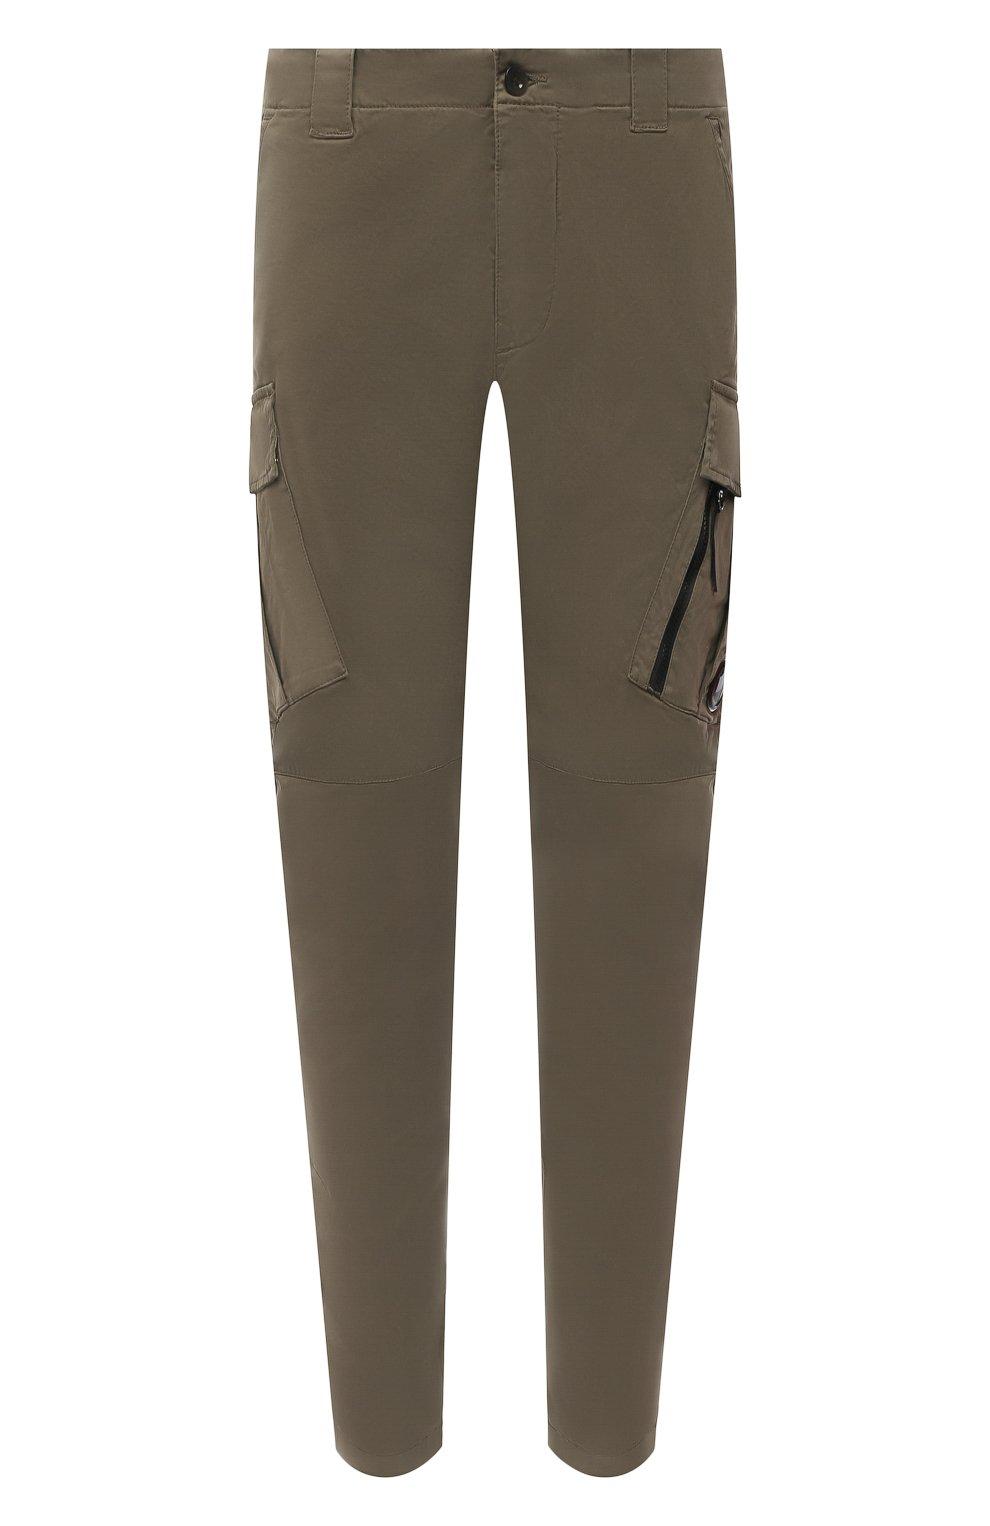 Мужские хлопковые брюки-карго C.P. COMPANY хаки цвета, арт. 11CMPA226A-005529G | Фото 1 (Силуэт М (брюки): Карго; Длина (брюки, джинсы): Стандартные; Случай: Повседневный; Стили: Милитари; Материал внешний: Хлопок)